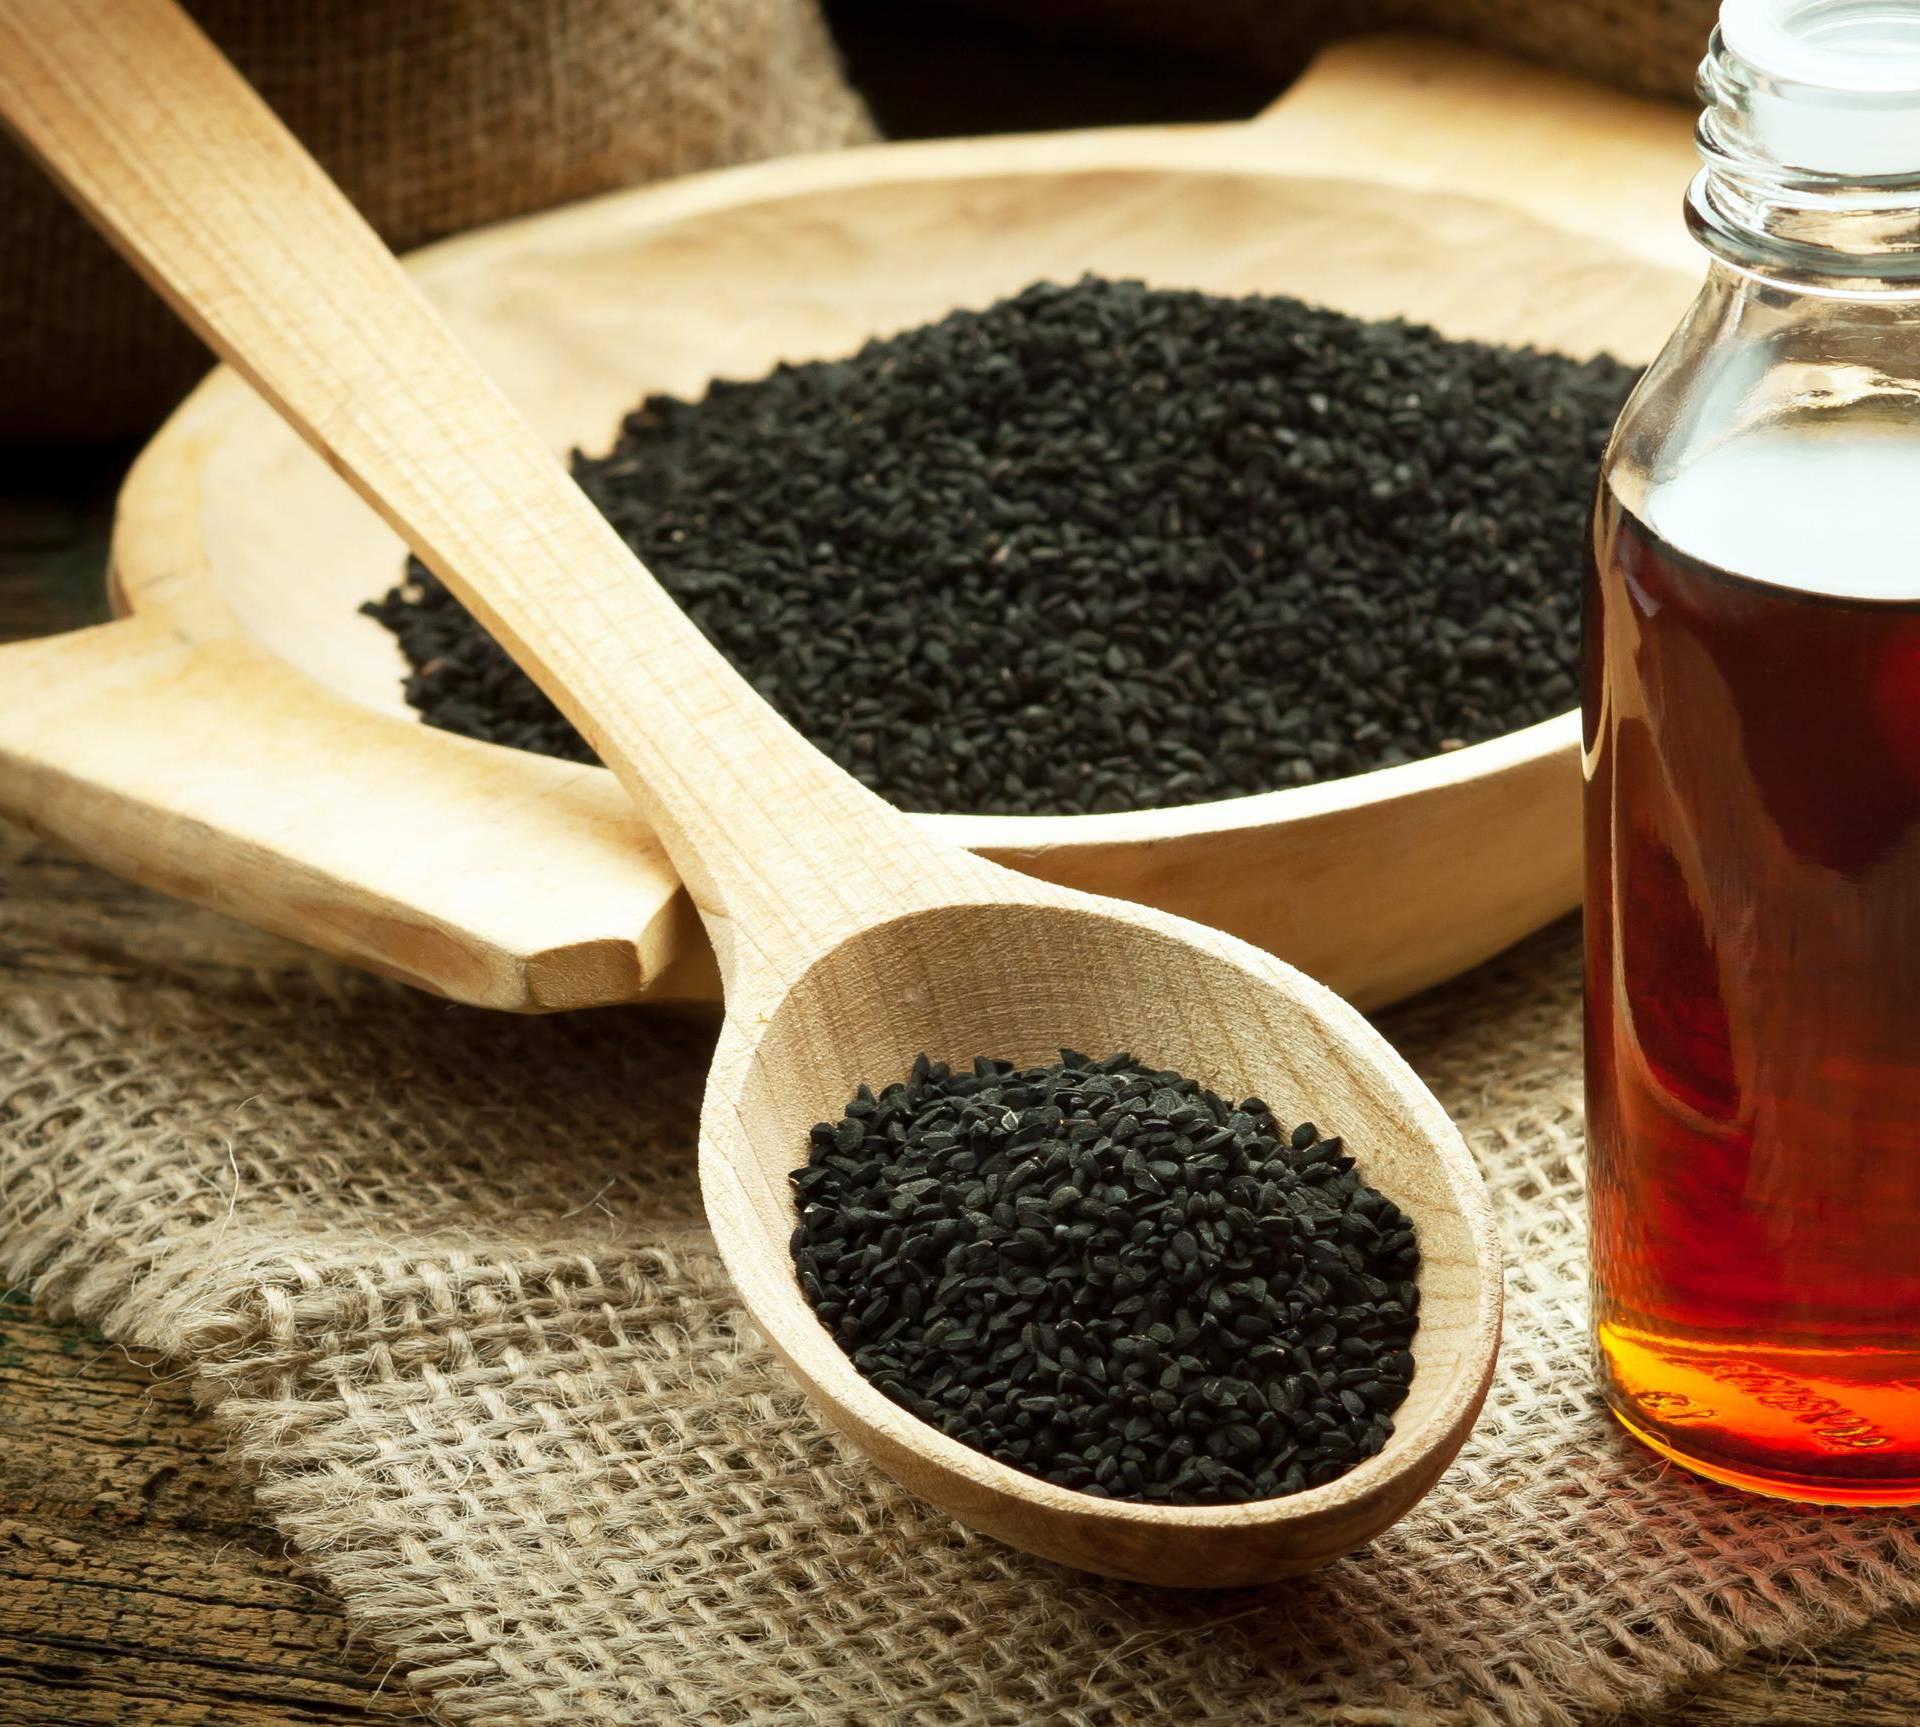 Čudesna ljekovita biljka: 'Crni kim liječi sve bolesti osim smrti'